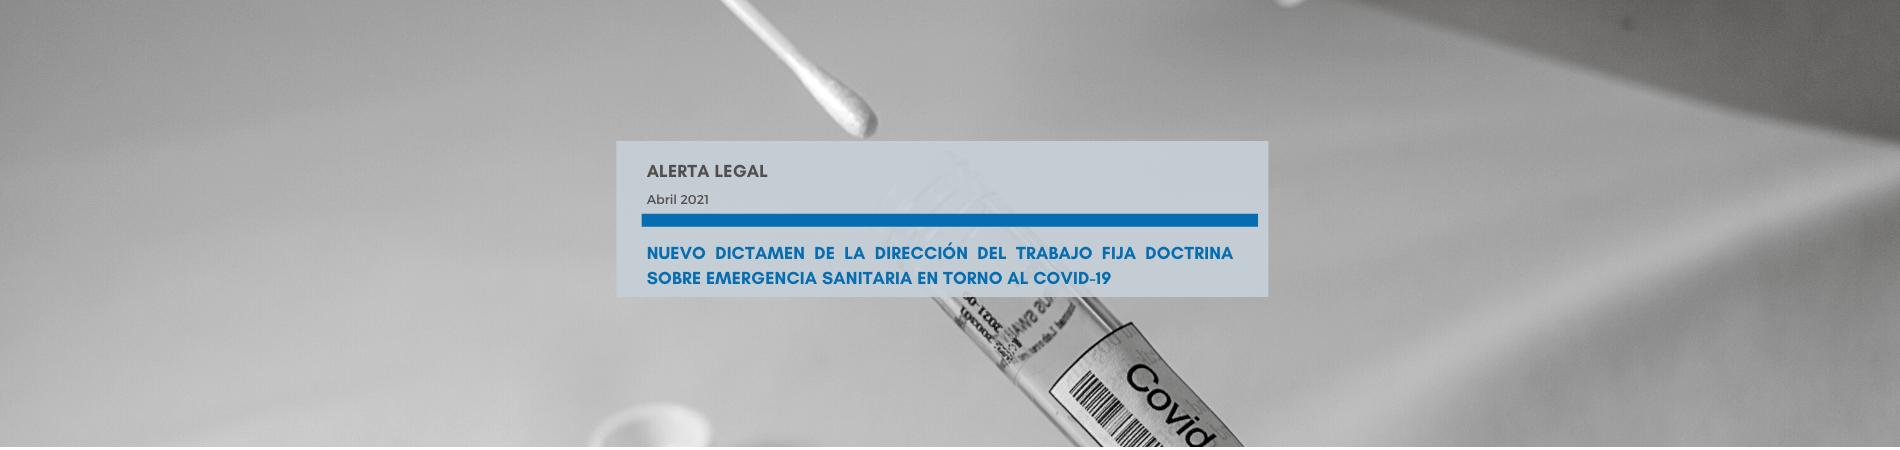 Alerta Legal Laboral | Nuevo dictamen de la dirección del trabajo fija doctrina sobre emergencia sanitaria en torno al Covid-19